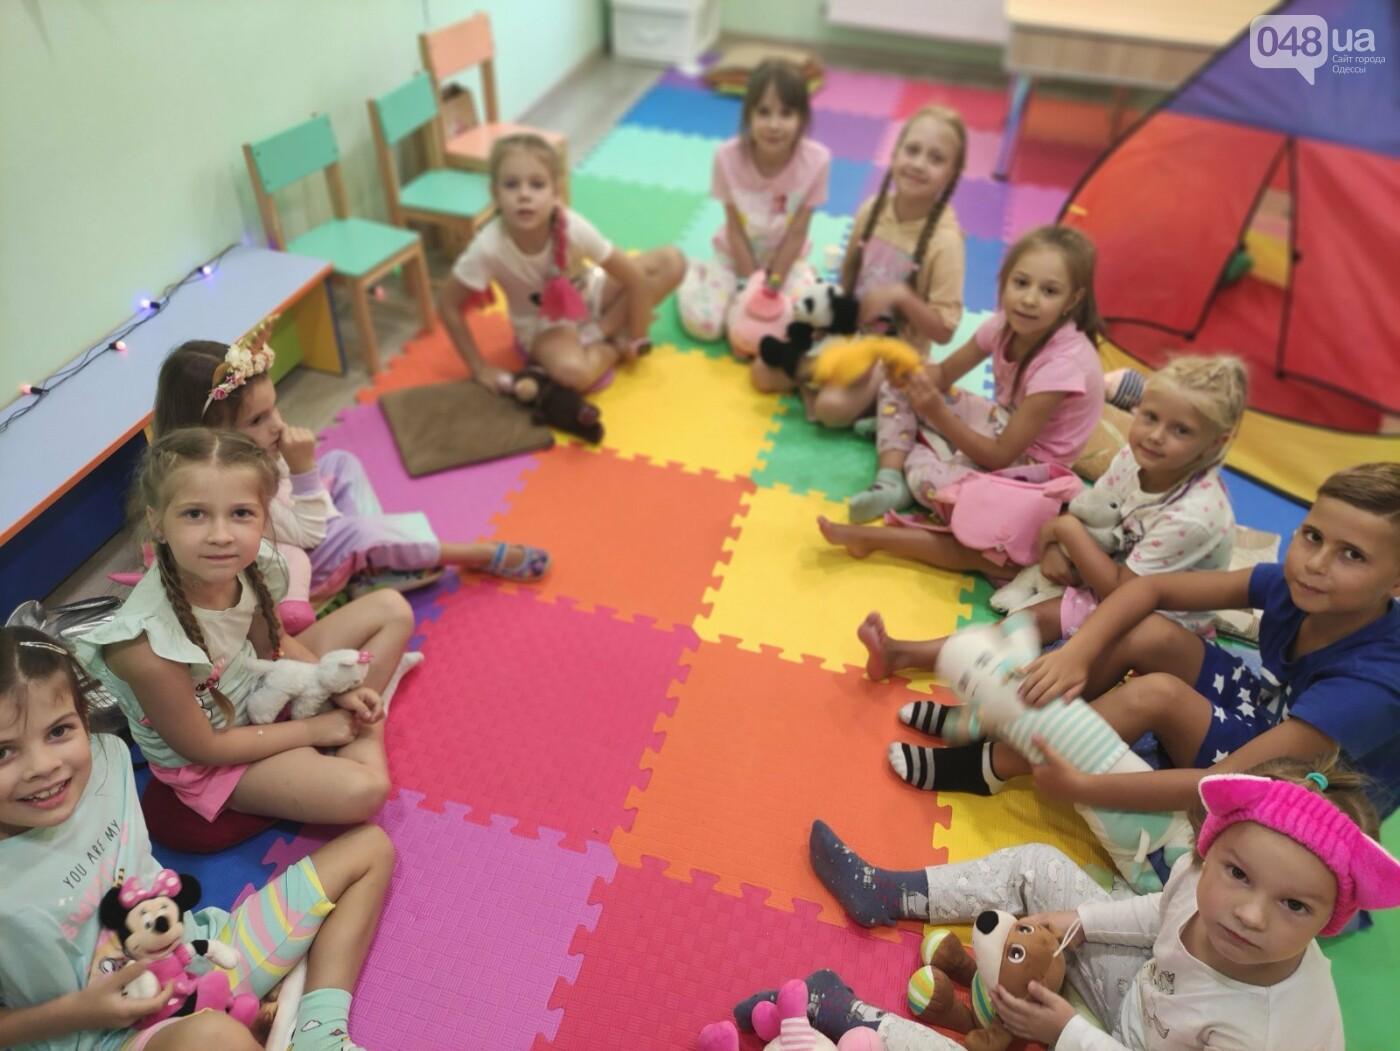 Детские сады и школы в Одессе, где учить ребенка?, фото-8